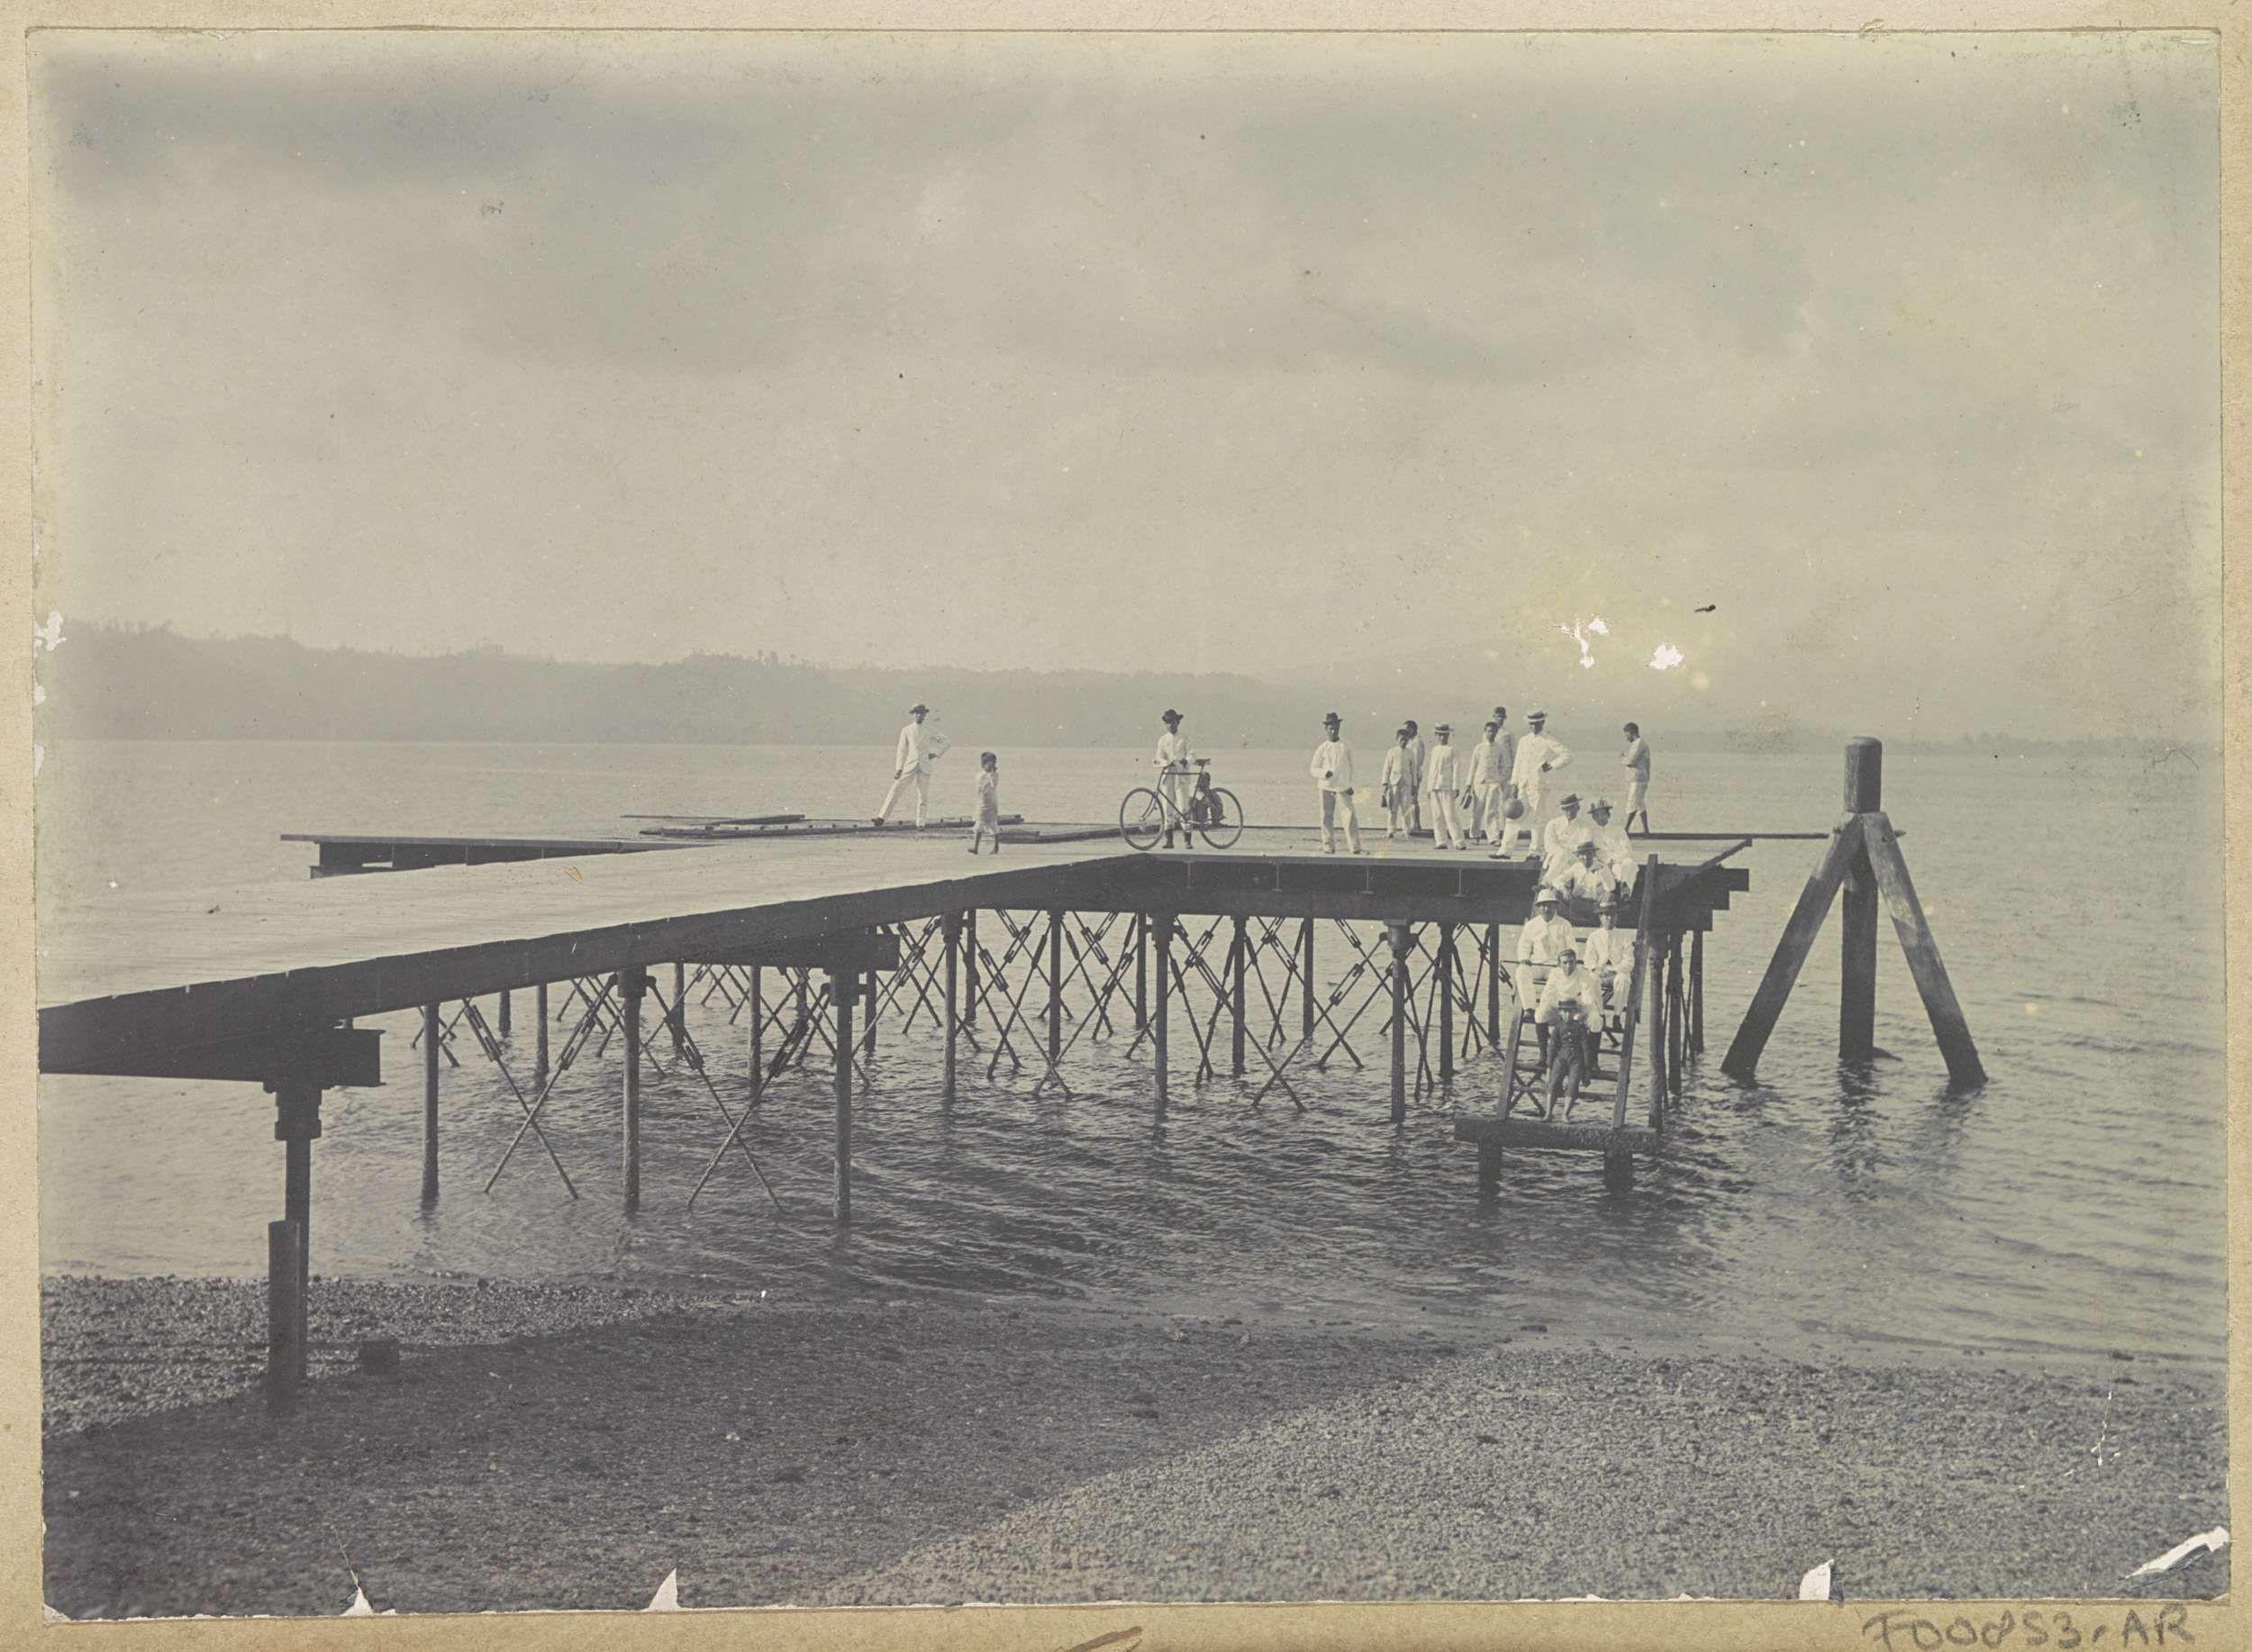 Anonymous | Plankier aan een water met mannen op Ambon, Anonymous, c. 1900 - c. 1920 | Onderdeel van Reisalbum met foto's van Ambon.